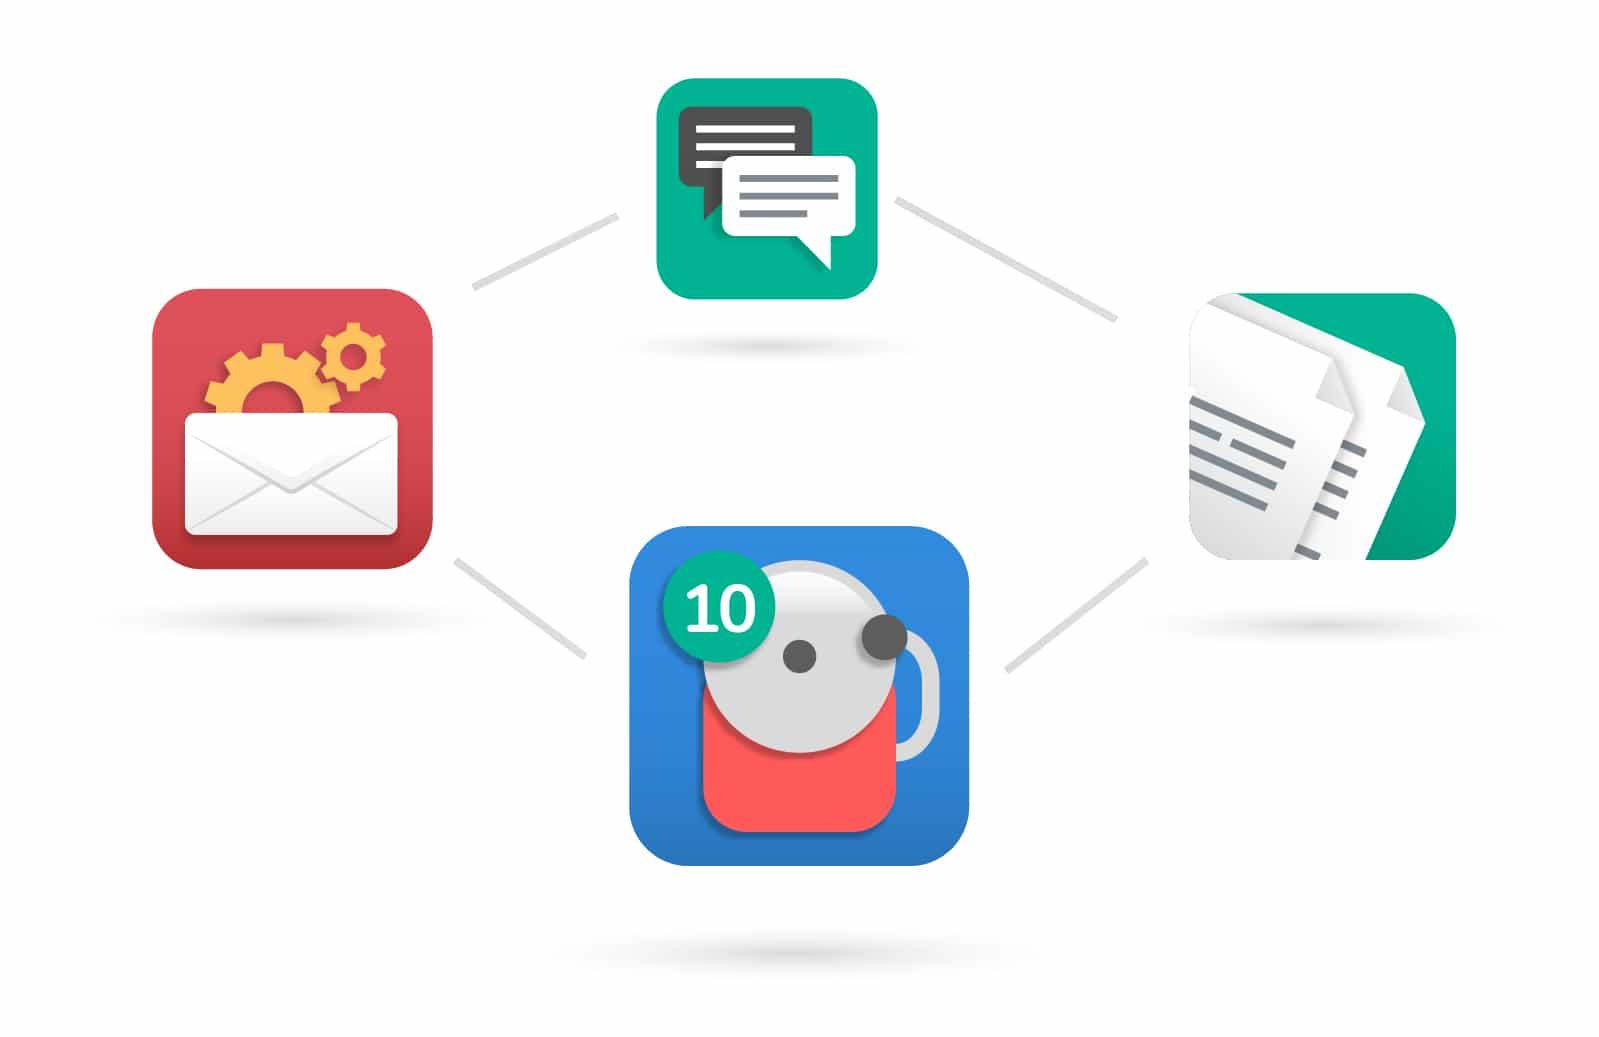 Plataforma gestión información herramientas gratuitas trabajo